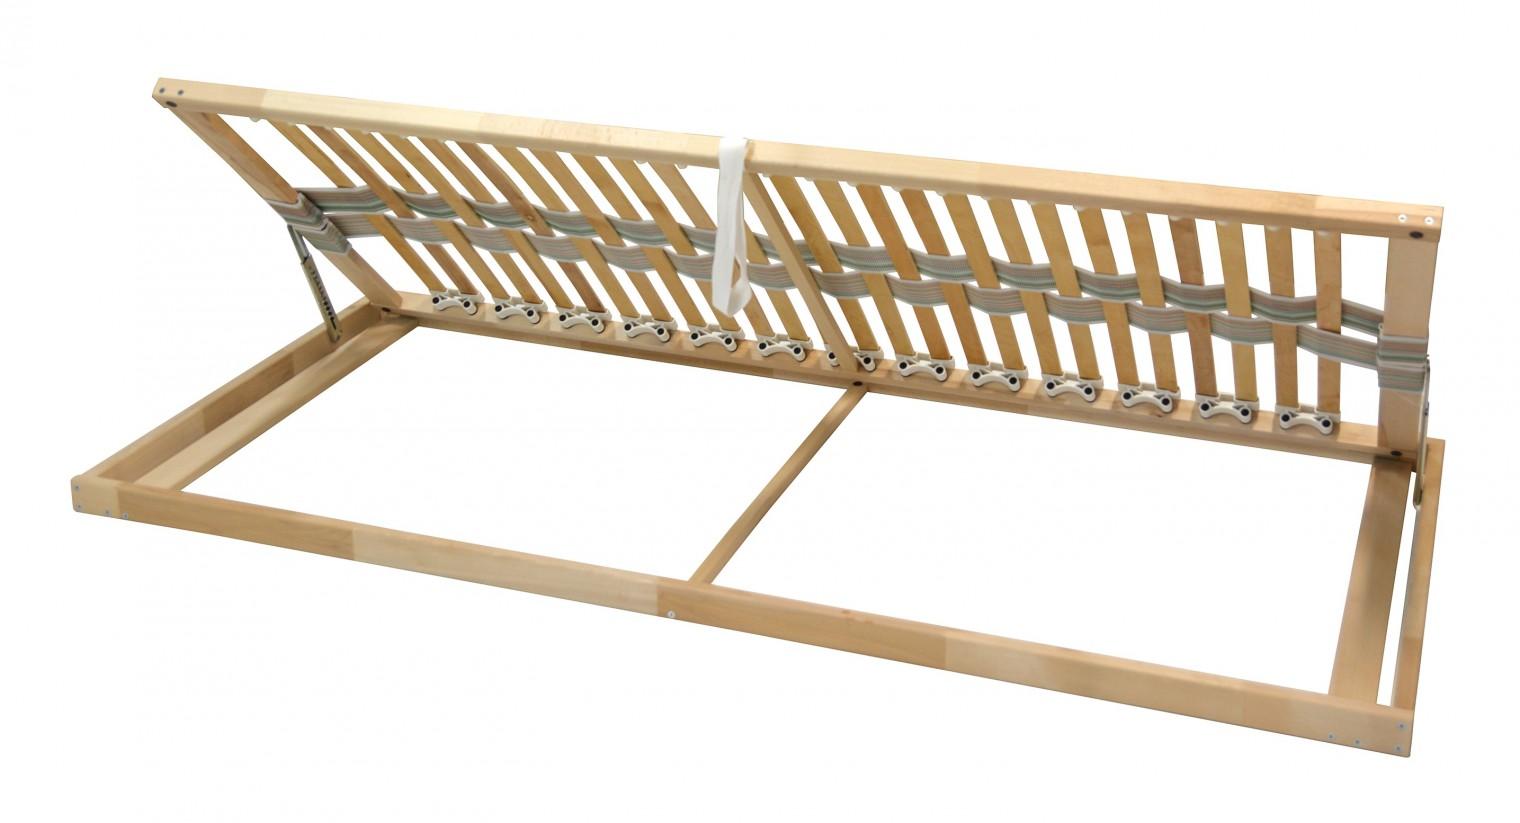 Nepolohovací Rošt Double klasik - 80x200 cm, výklopný do boku